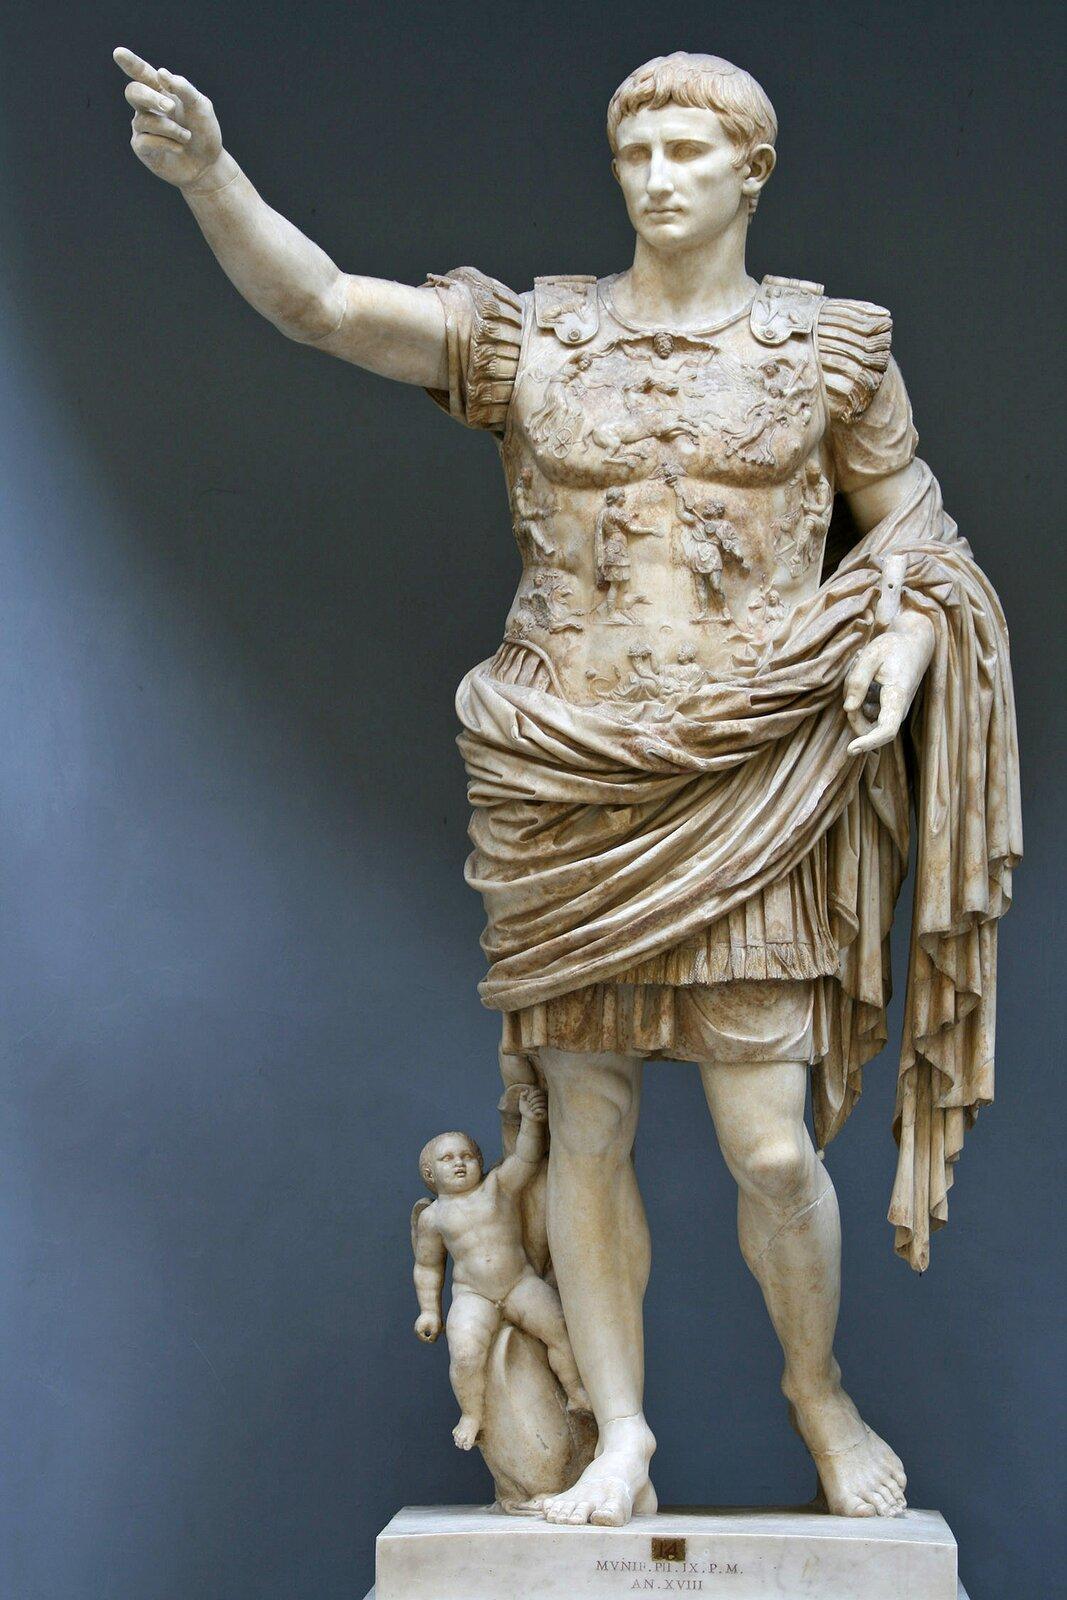 """Fotografia nieznanego autora przedstawia posąg Augusta, który nosi nazwę """"August prima porta"""". Został on pokazany jako młody mężczyzna oatletycznej budowie ciała. Ubrany jest wzbroję. Prawą dłoń ma uniesioną do góry. Przy jego nodze znajduje się nagi chłopiec ze skrzydłami."""